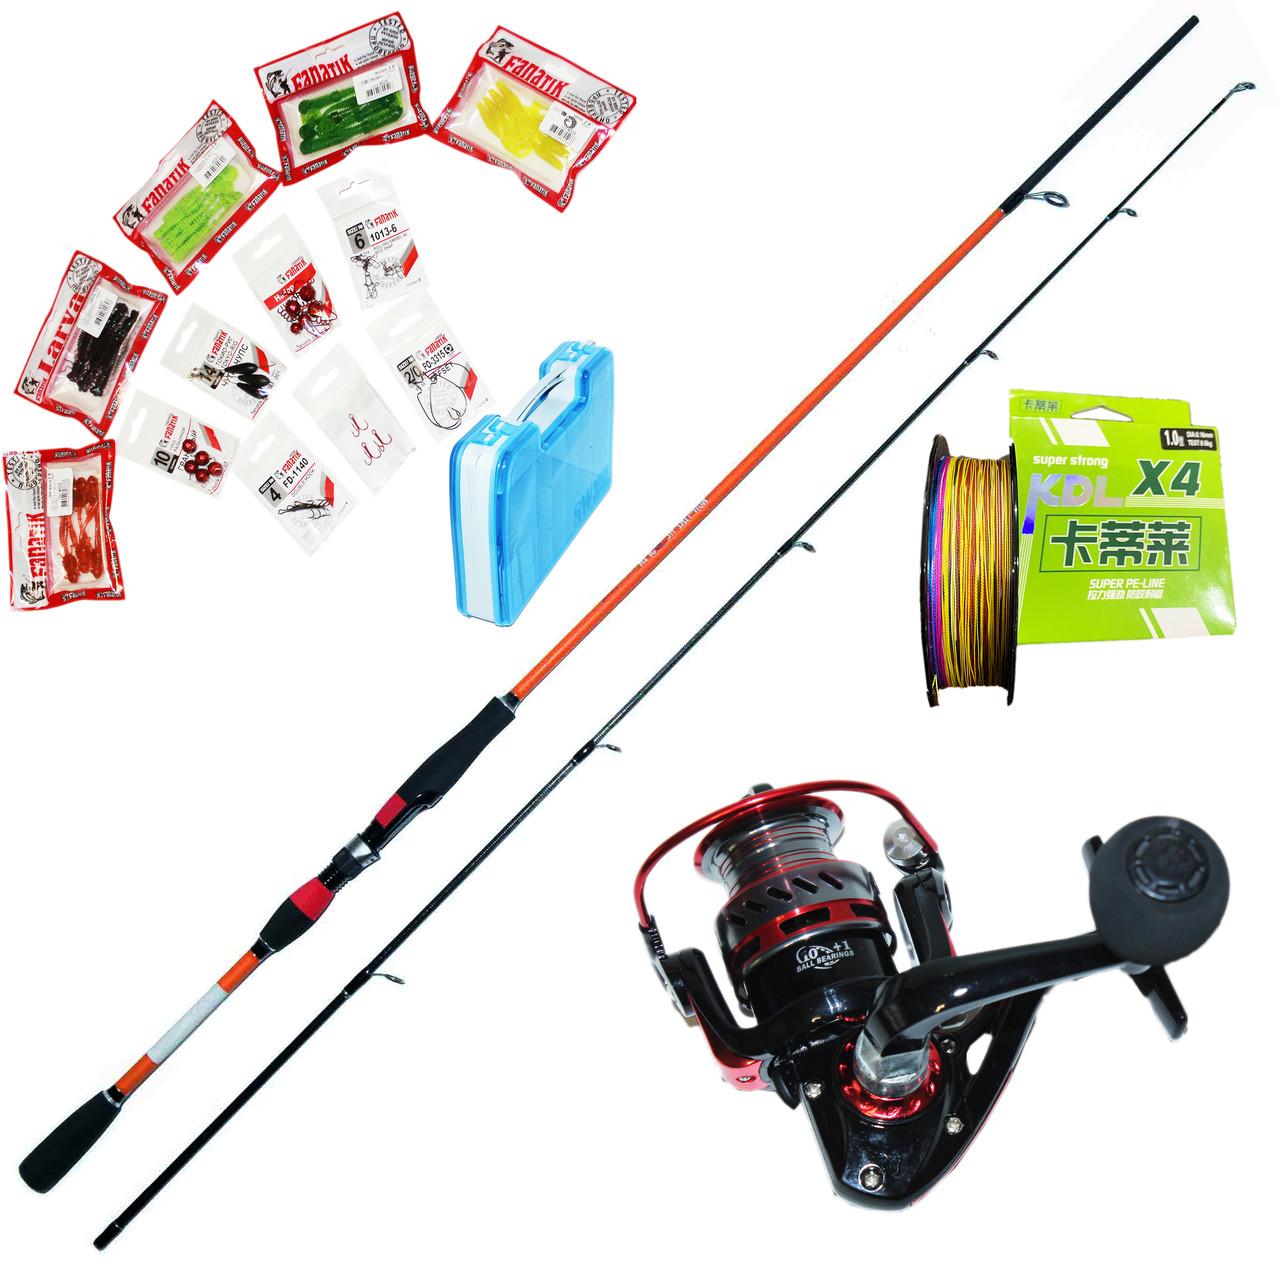 Спінінг Набір FANATIK для лову хижої риби /щука, судак, окунь/ 2.7 м.